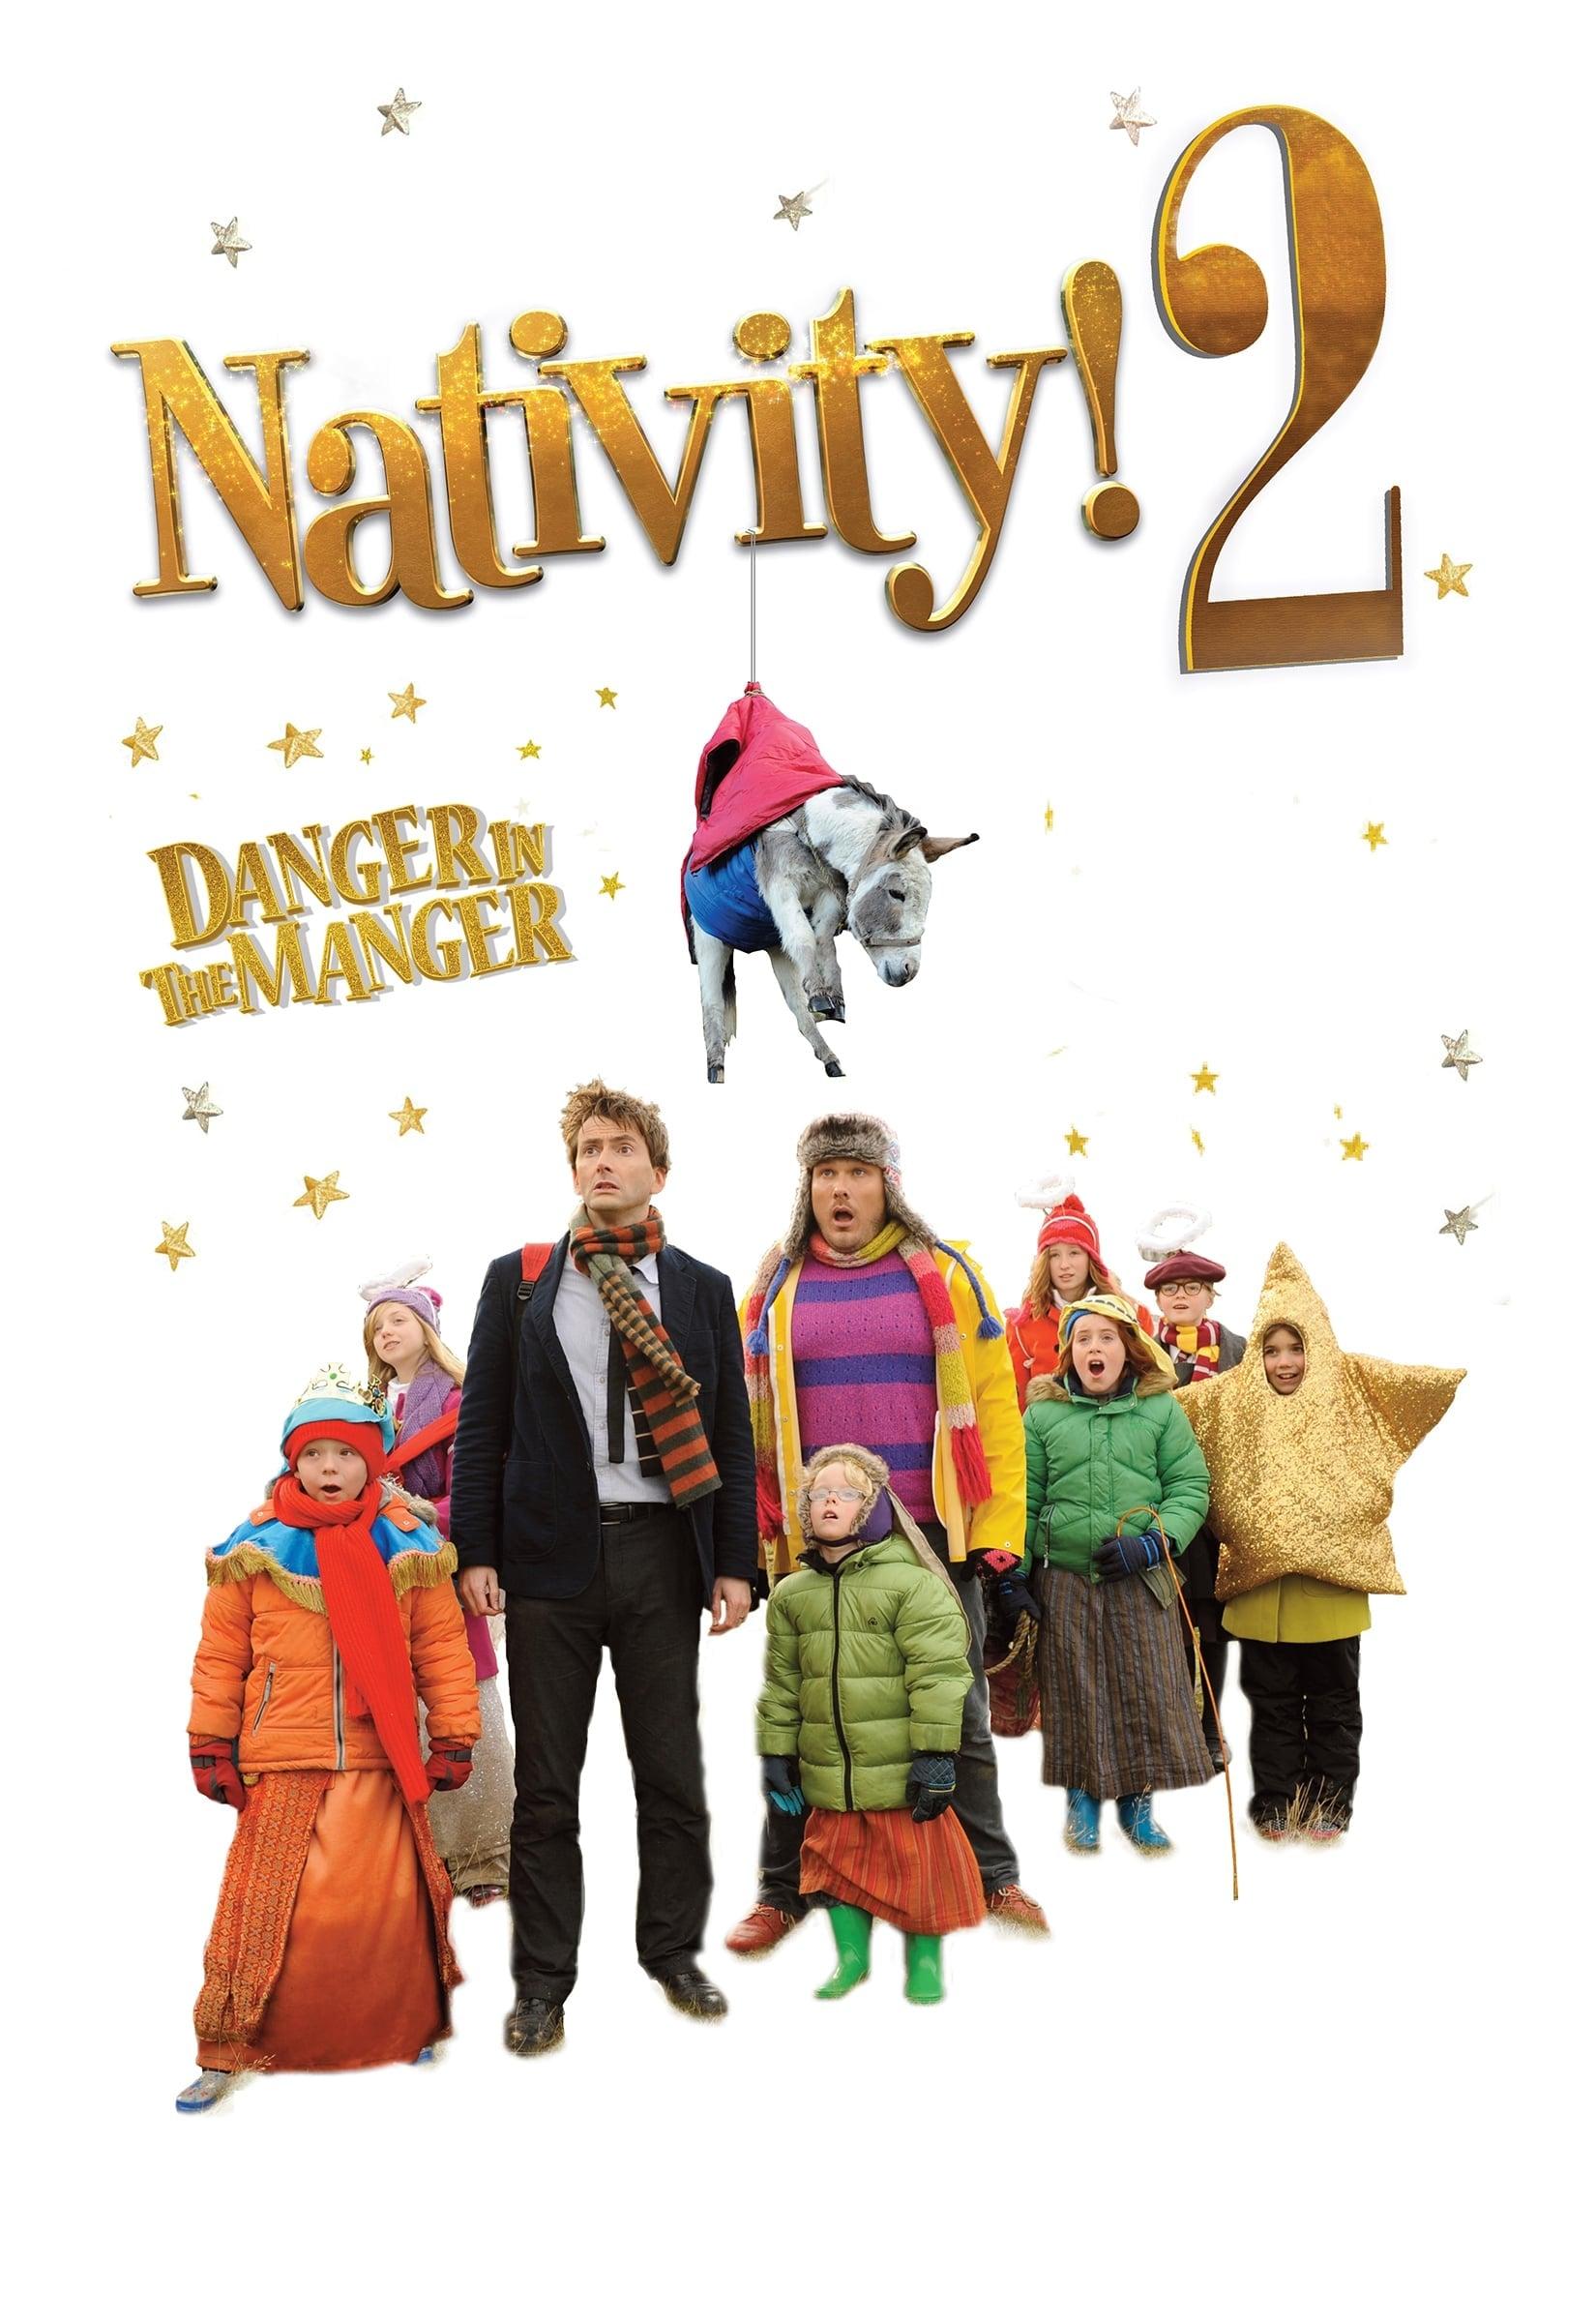 Nativity 2: Danger in the Manger! (2012)